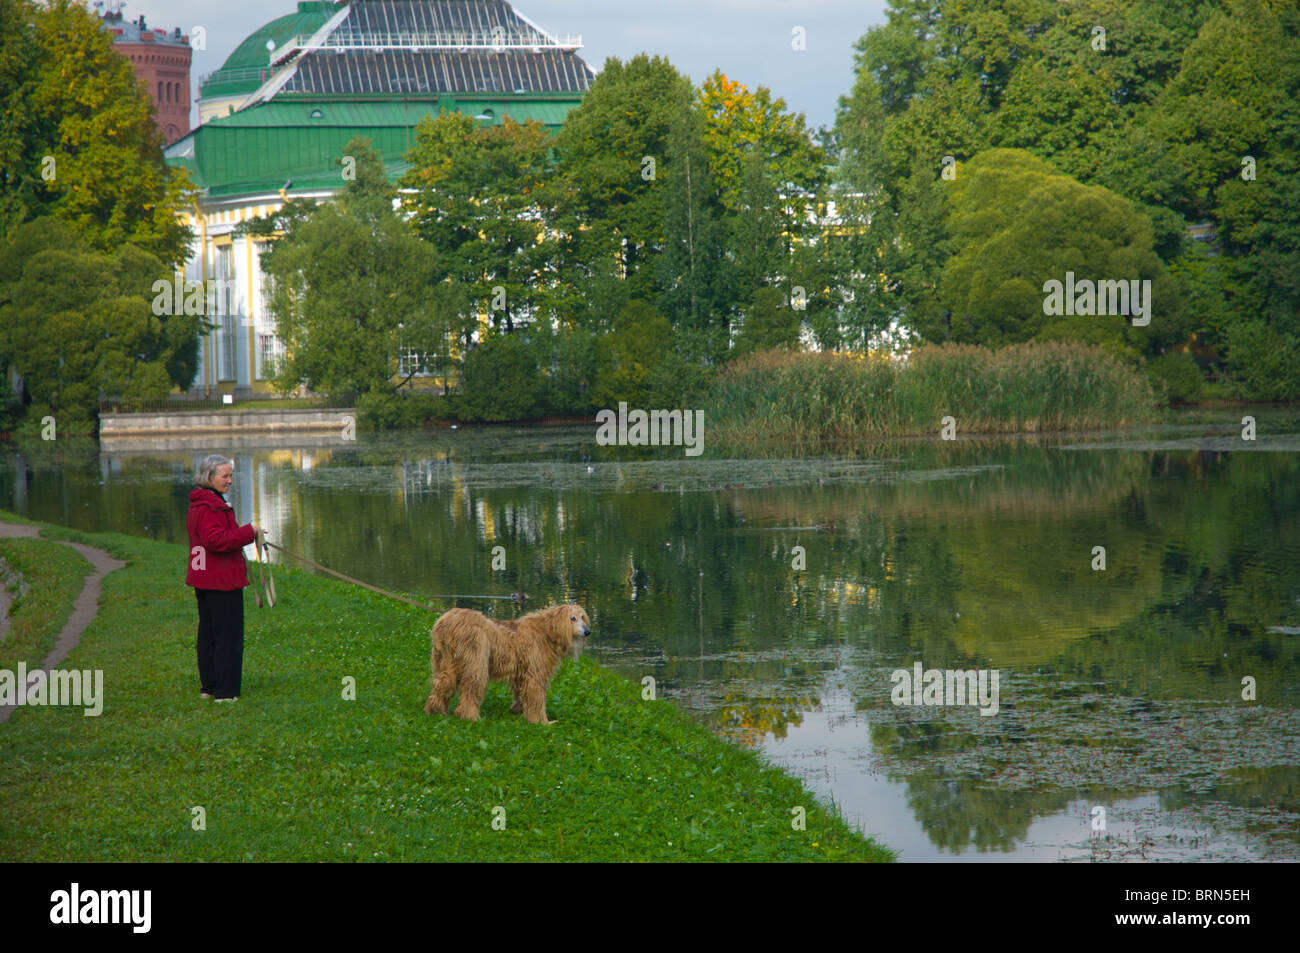 Orangery of the Tauride Garden in St. Petersburg 49